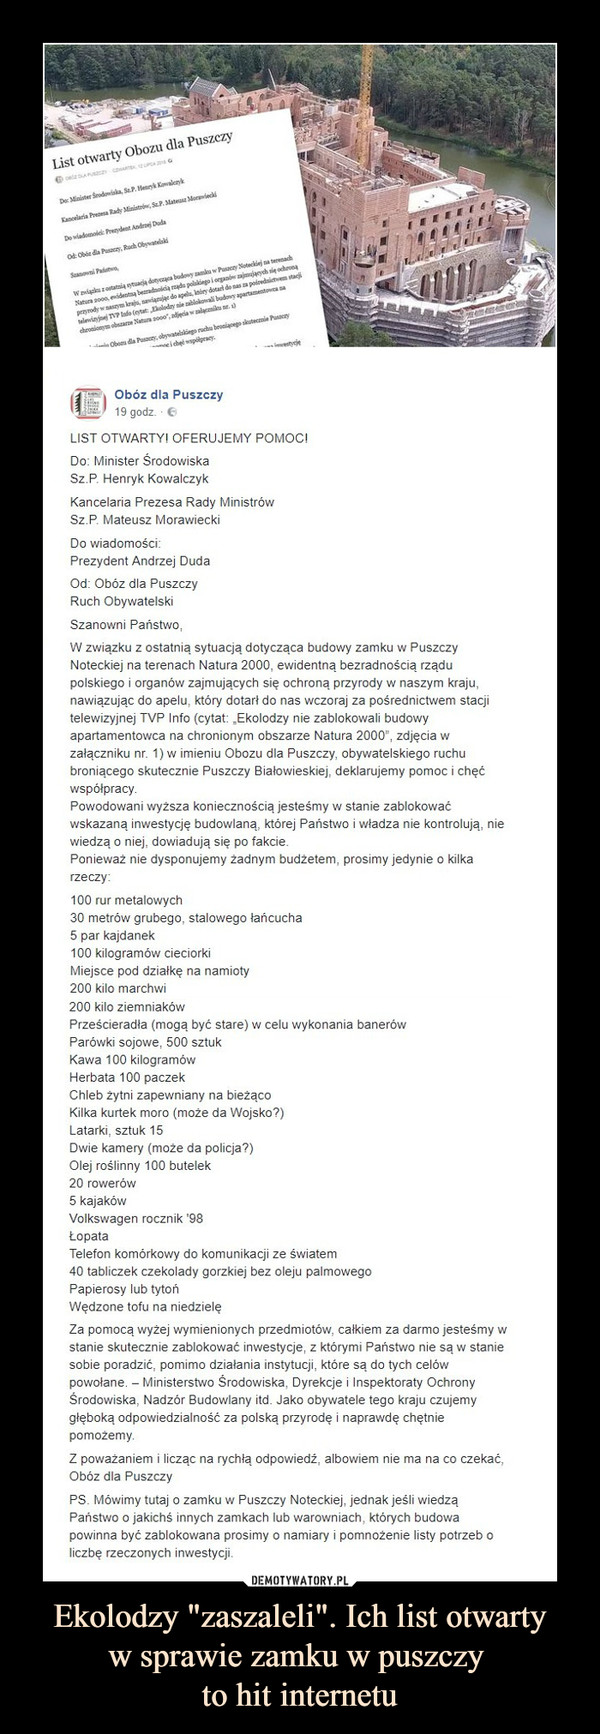 """Ekolodzy """"zaszaleli"""". Ich list otwartyw sprawie zamku w puszczy to hit internetu –  Obóz dla Puszczy LIST OTWARTY! OFERUJEMY POMOC! Do: Minister Środowiska Sz.P. Henryk Kowalczyk Kancelaria Prezesa Rady Ministrów Sz.P. Mateusz Morawiecki Do wiadomości: Prezydent Andrzej Duda Od: Obóz dla Puszczy Ruch Obywatelski Szanowni Państwo. W związku z ostatnią sytuacją dotycząca budowy zamku w Puszczy Noteckiej na terenach Natura 2000, ewidentną bezradnością rządu polskiego i organów zajmujących się ochroną przyrody w naszym kraju, nawiązując do apelu, który dotarł do nas wczoraj za pośrednictwem stacji telewizyjnej TVP Info (cytat: """"Ekolodzy nie zablokowali budowy apartamentowca na chronionym obszarze Natura 2000"""", zdjęcia w załączniku nr. 1) w imieniu Obozu dla Puszczy, obywatelskiego ruchu broniącego skutecznie Puszczy Białowieskiej, deklarujemy pomoc i chęć współpracy. Powodowani wyższa koniecznością jesteśmy w stanie zablokować wskazaną inwestycję budowlaną, której Państwo i władza nie kontrolują, nie wiedzą o niej, dowiadują się po fakcie. Ponieważ nie dysponujemy żadnym budżetem, prosimy jedynie o kilka rzeczy: 100 rur metalowych 30 metrów grubego, stalowego łańcucha 5 par kajdanek 100 kilogramów cieciorki Miejsce pod działkę na namioty 200 kilo marchwi 200 kilo ziemniaków Prześcieradła (mogą być stare) w celu wykonania banerów Parówki sojowe, 500 sztuk Kawa 100 kilogramów Herbata 100 paczek Chleb żytni zapewniany na bieżąco Kilka kurtek moro (może da Wojsko?) Latarki, sztuk 15 Dwie kamery (może da policja?) Olej roślinny 100 butelek 20 rowerów 5 kajaków Volkswagen rocznik '98 Łopata Telefon komórkowy do komunikacji ze światem 40 tabliczek czekolady gorzkiej bez oleju palmowego Papierosy lub tytoń Wędzone tofu na niedzielę Za pomocą wyżej wymienionych przedmiotów, całkiem za darmo jesteśmy w stanie skutecznie zablokować inwestycje, z którymi Państwo nie są w stanie sobie poradzić, pomimo działania instytucji, które są do tych celów powołane. — Ministerstwo Środowiska, """